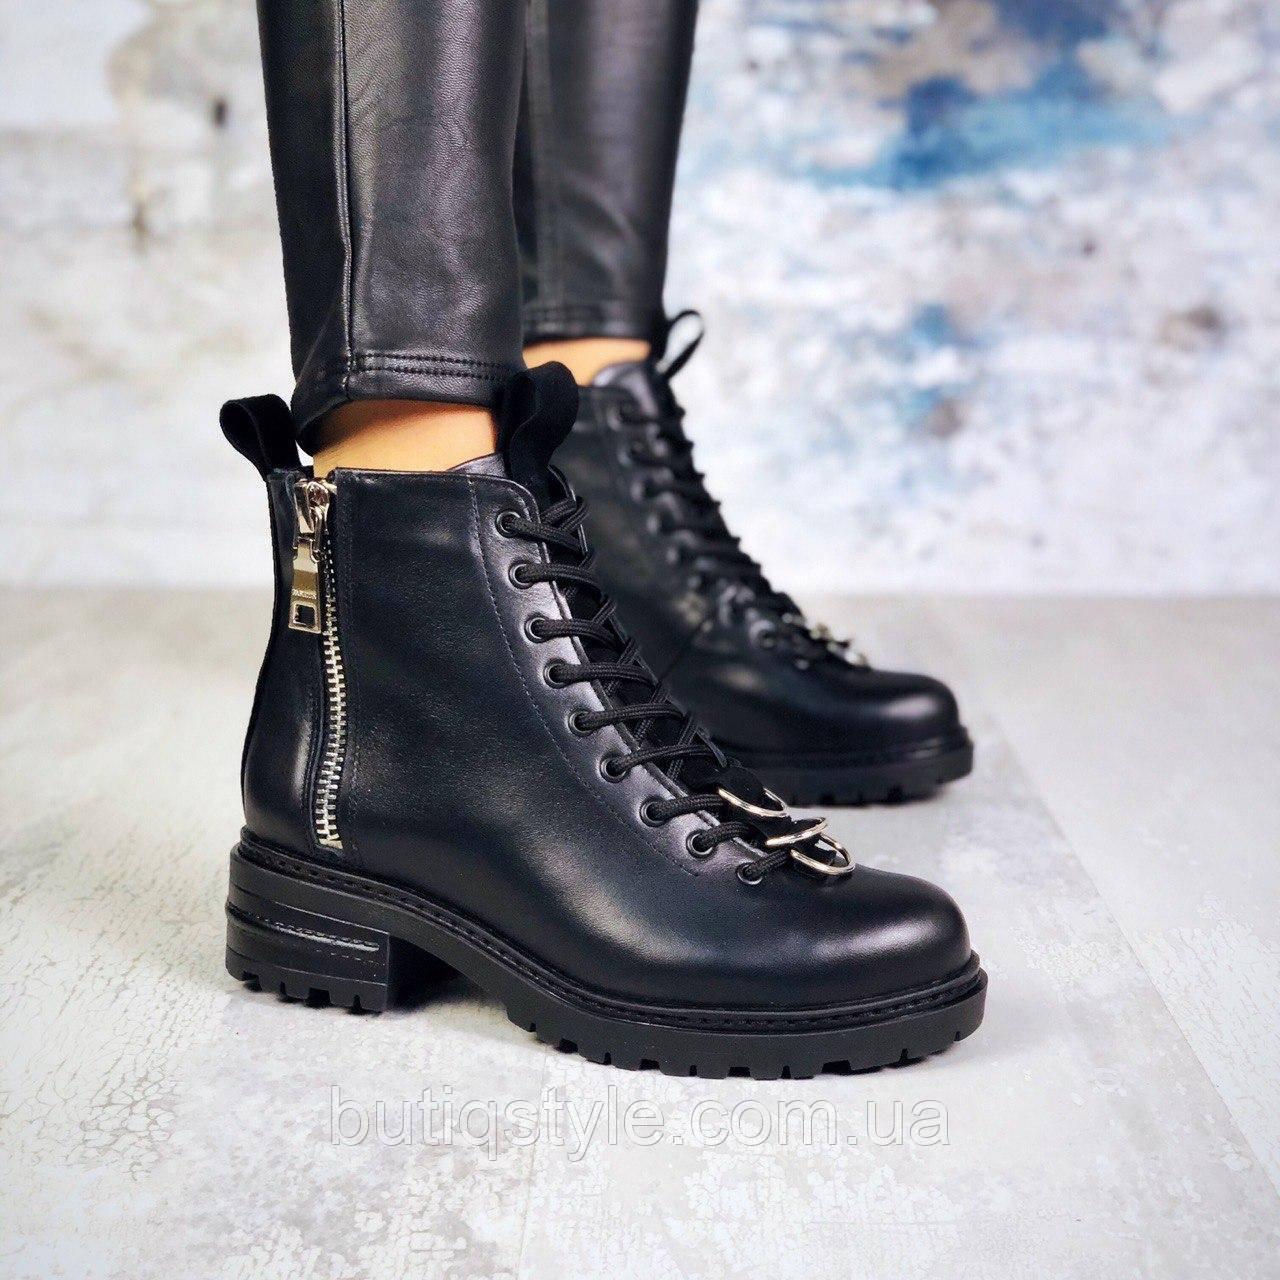 39 размер Женские черные ботинки на шнуровке натуральная кожа Деми